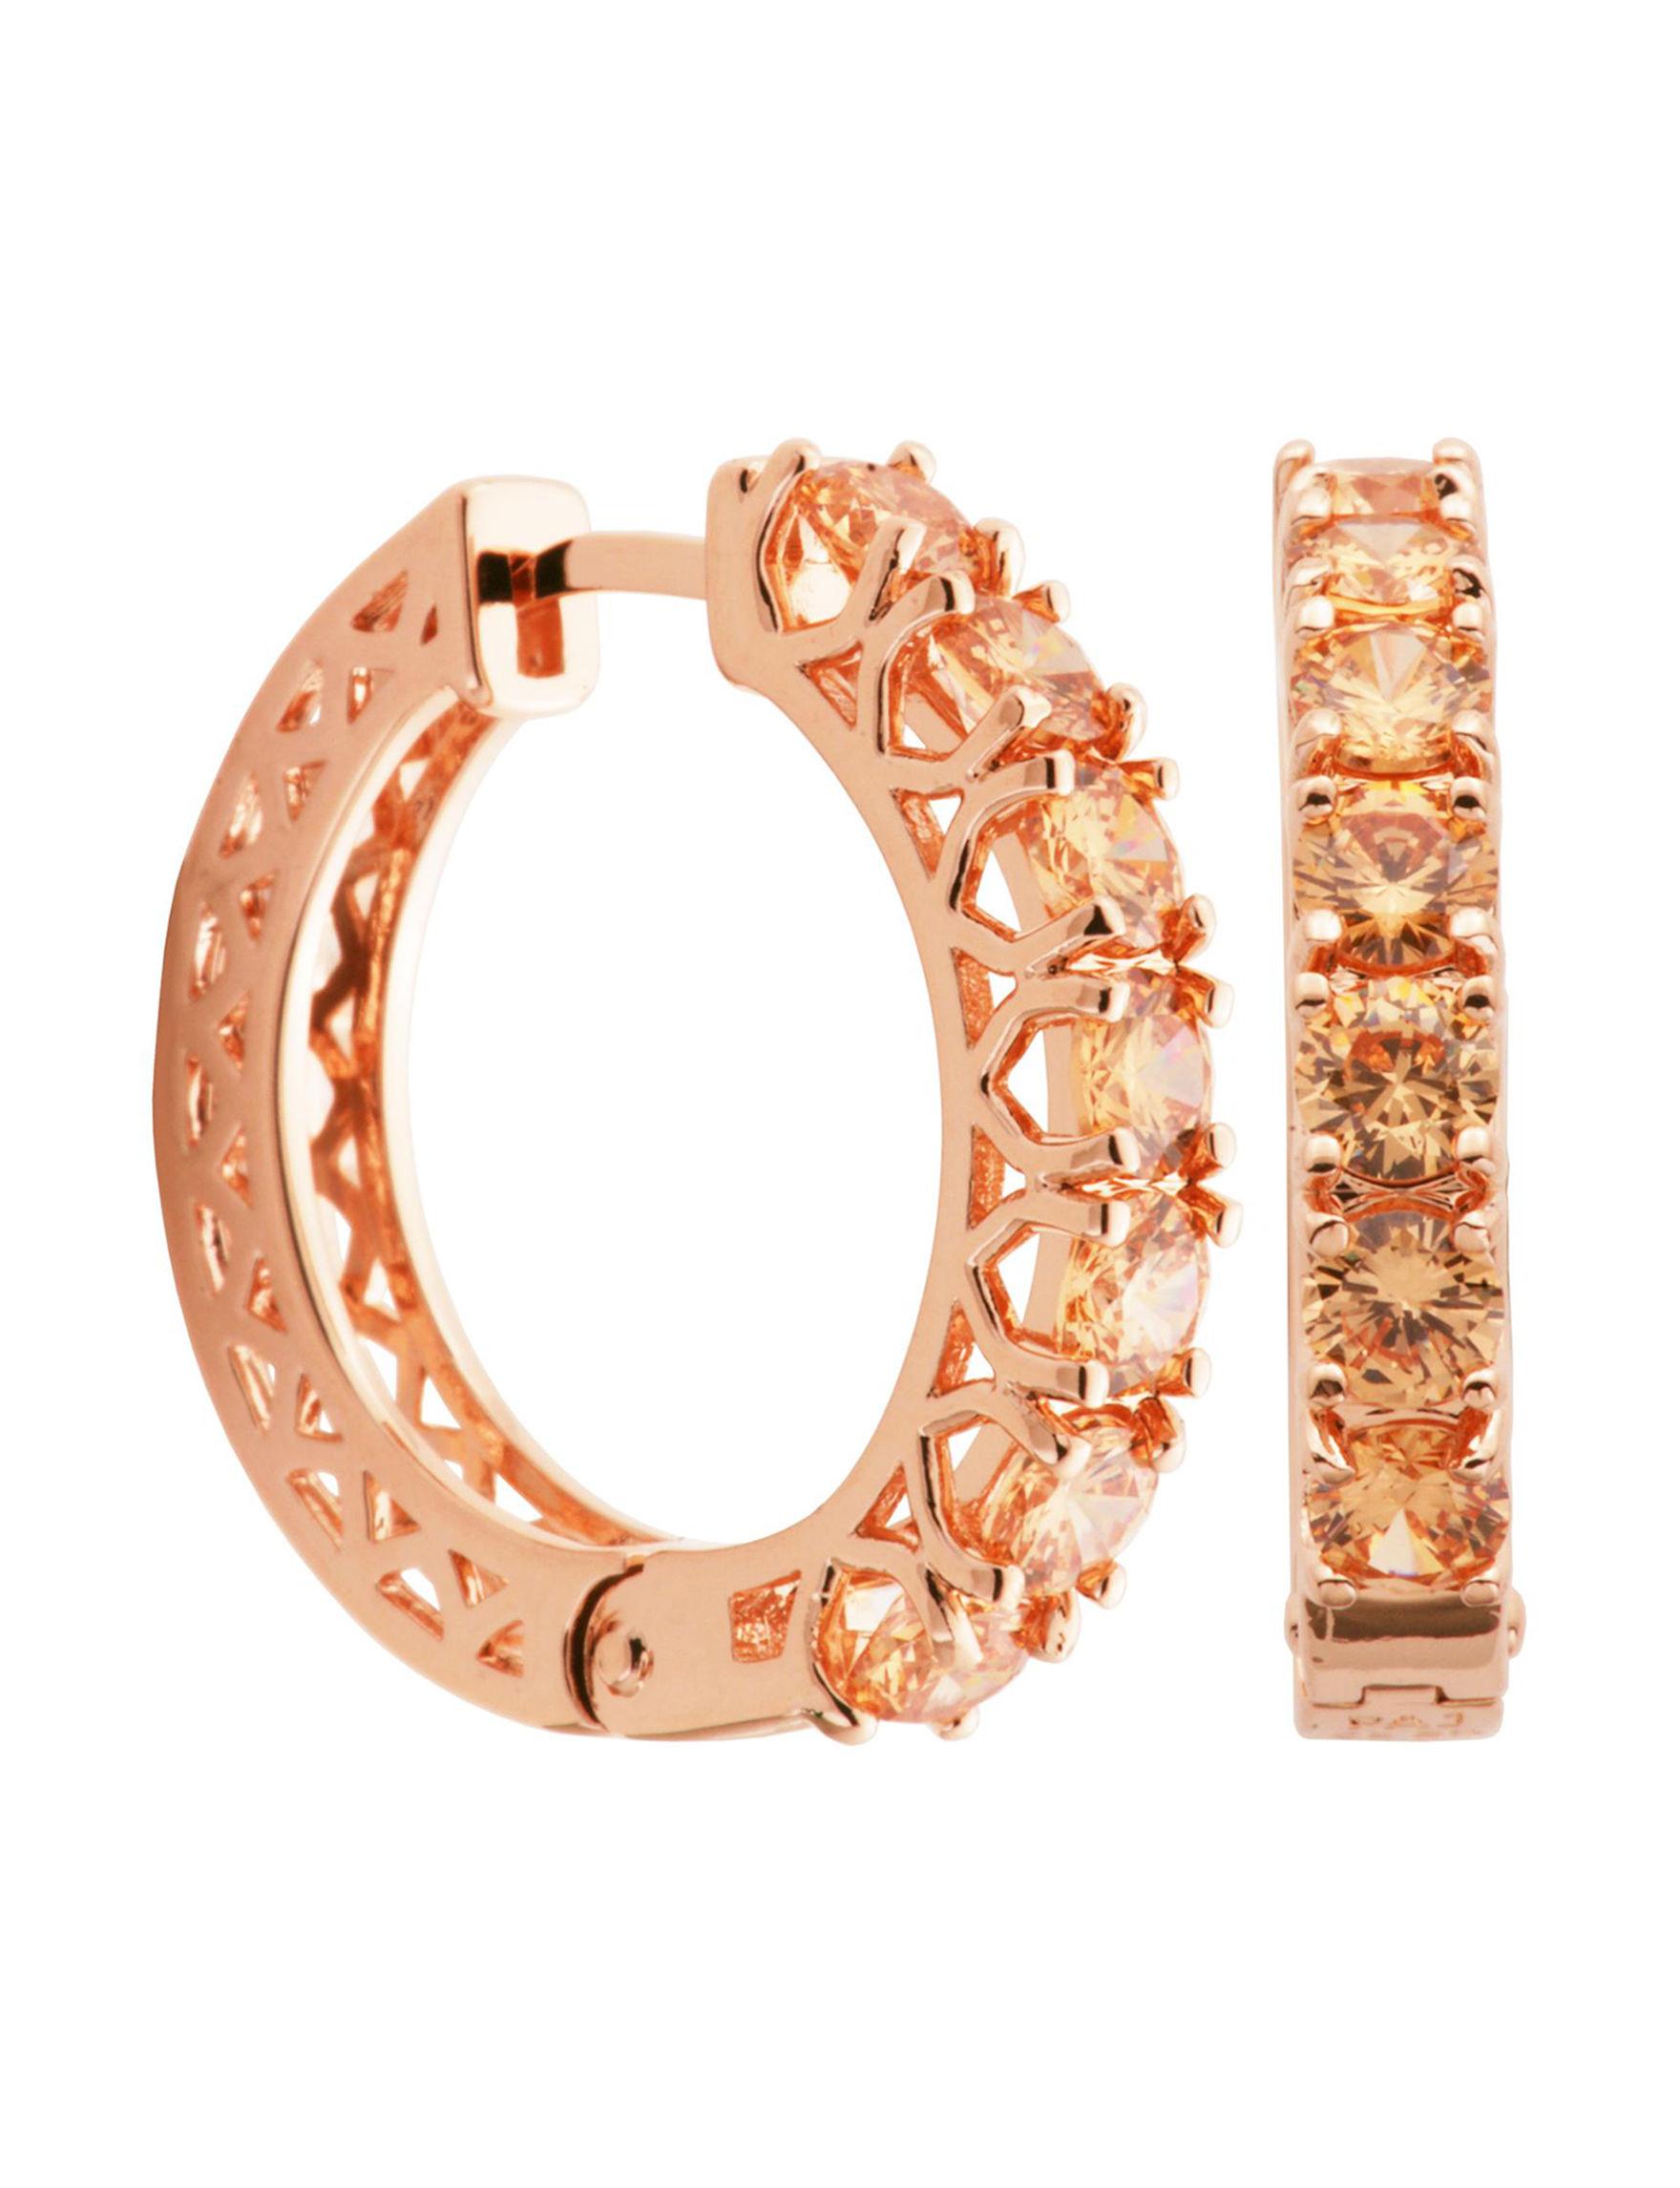 PAJ INC. Rose Gold Hoops Earrings Fine Jewelry